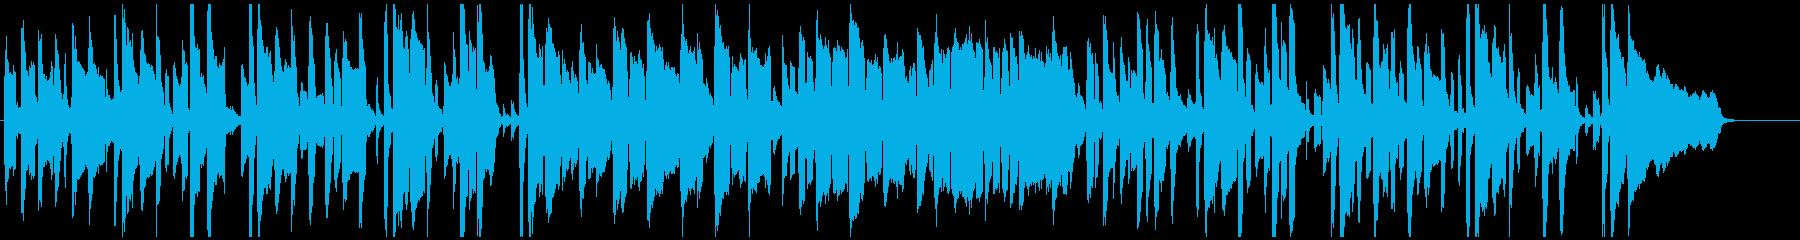 のほほん素朴なリコーダーのシンプルな劇伴の再生済みの波形